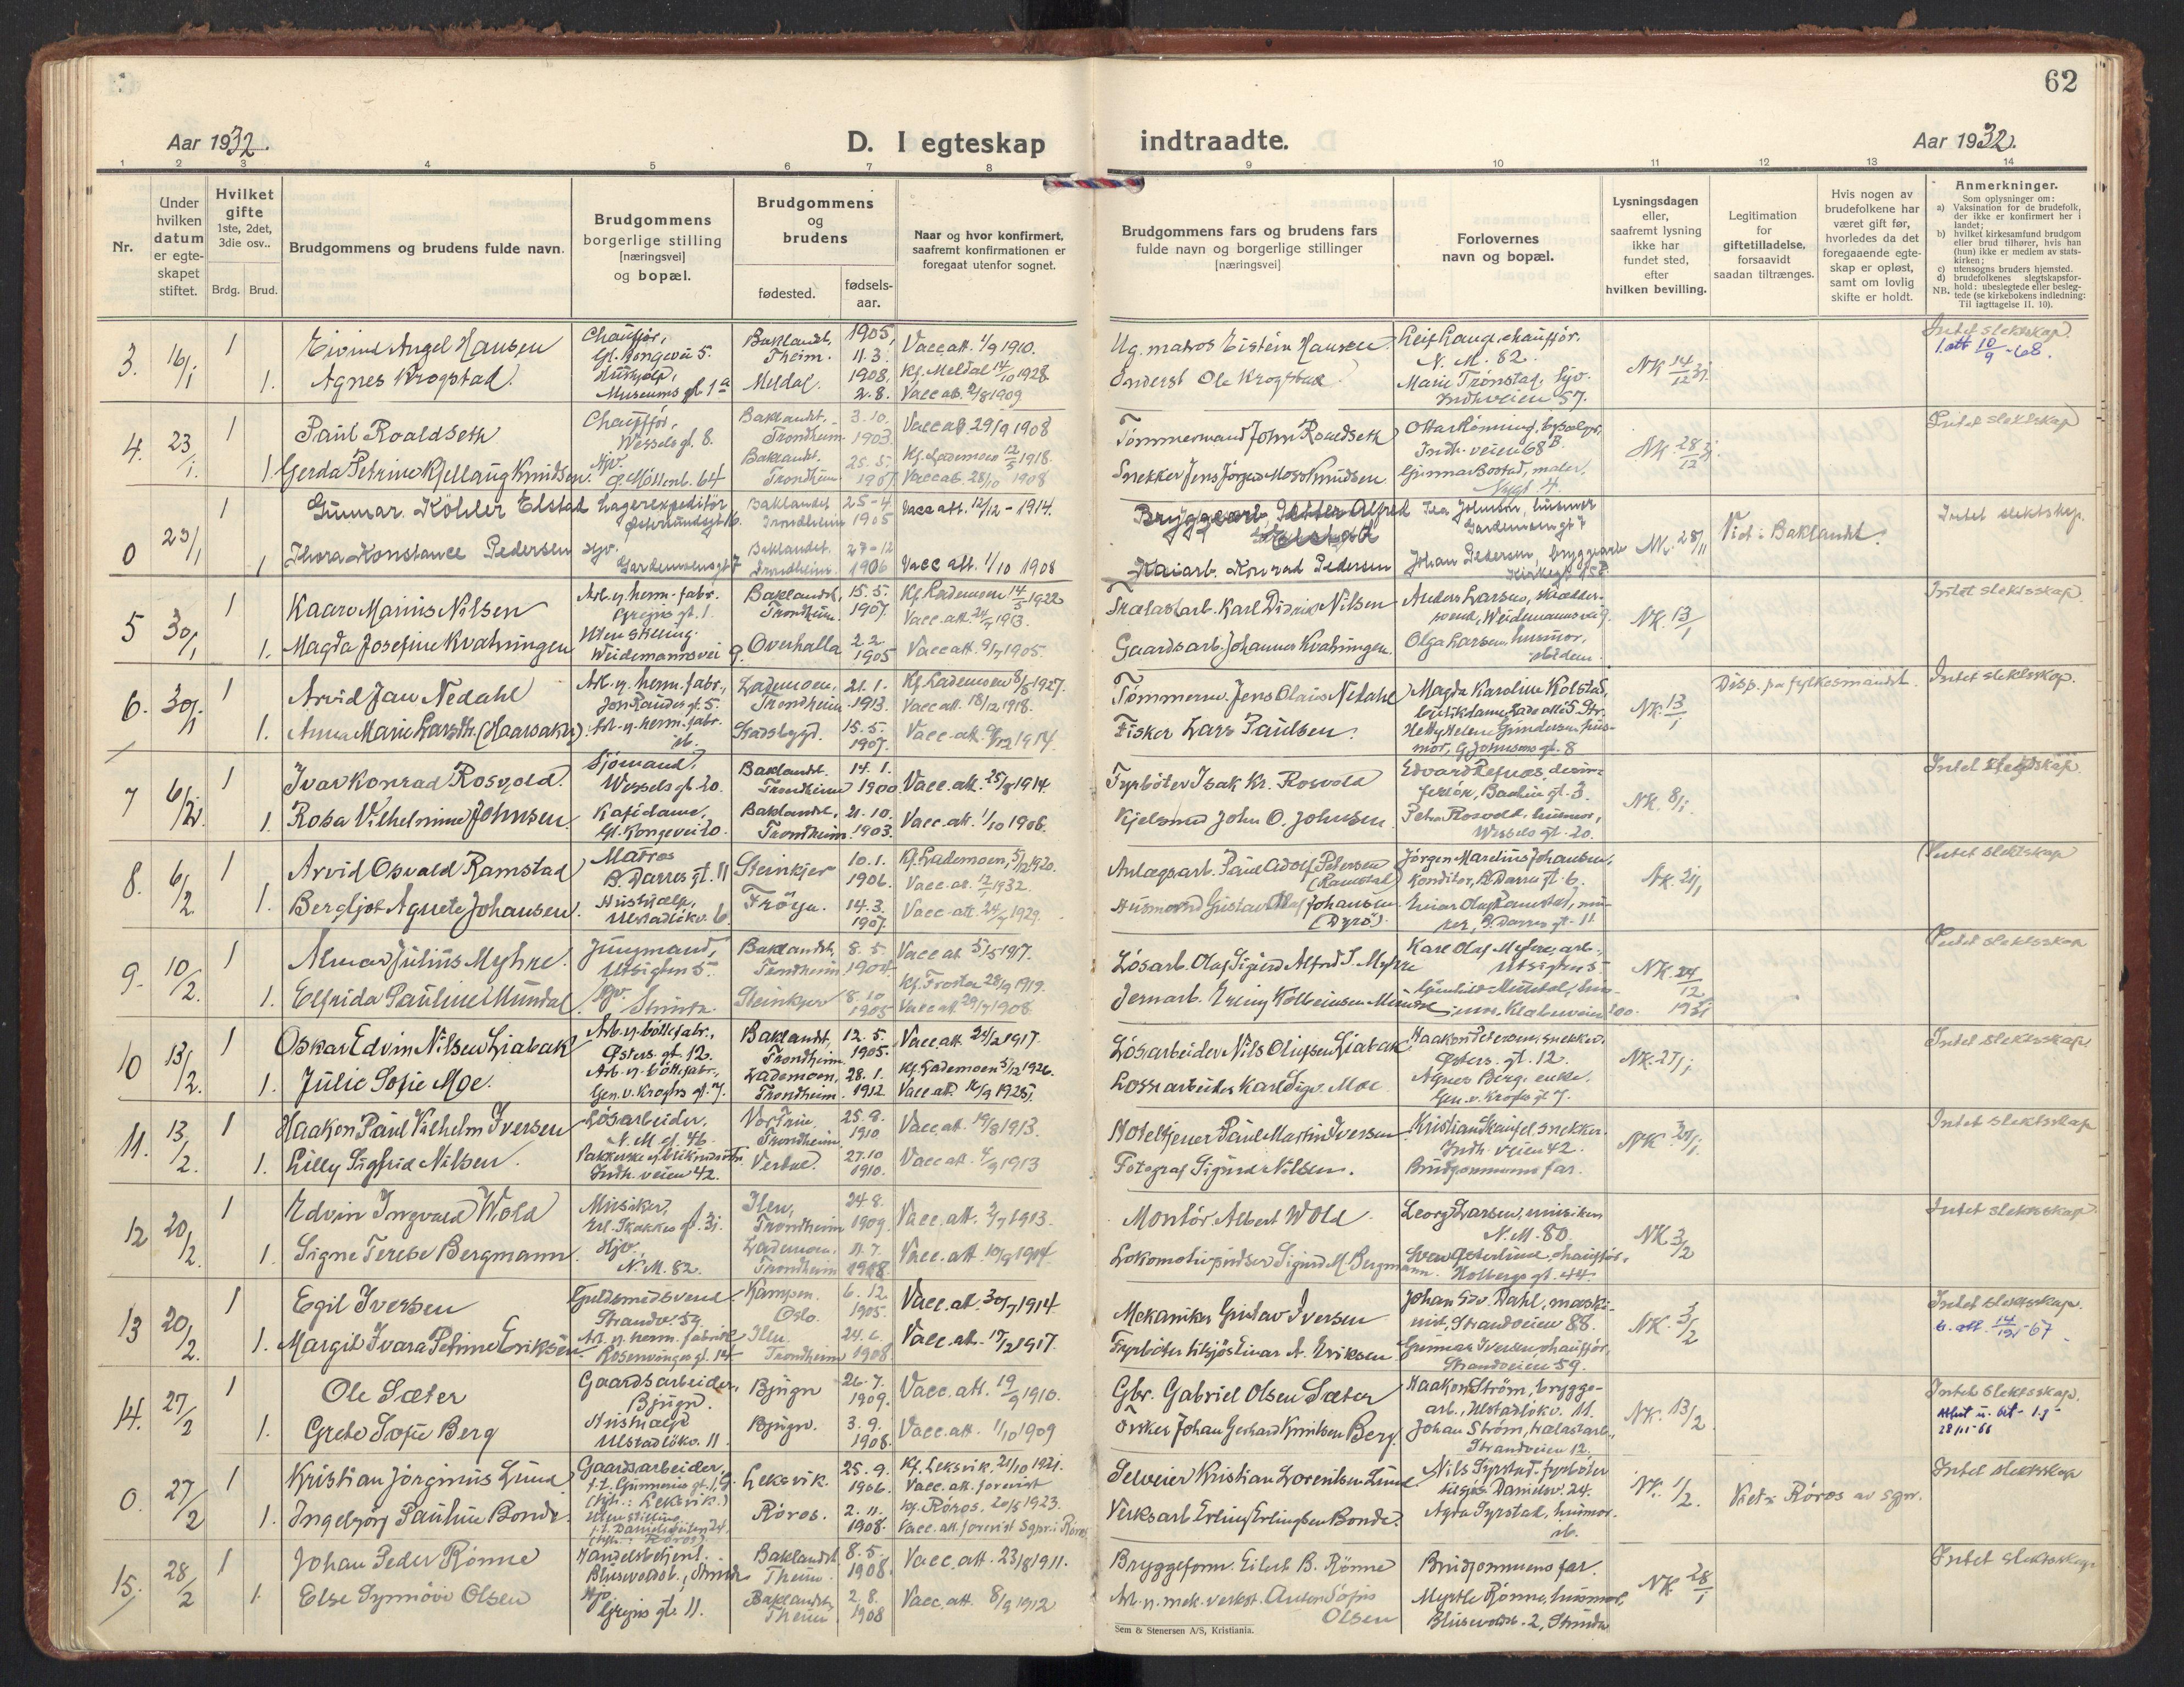 SAT, Ministerialprotokoller, klokkerbøker og fødselsregistre - Sør-Trøndelag, 605/L0249: Ministerialbok nr. 605A11, 1925-1936, s. 62